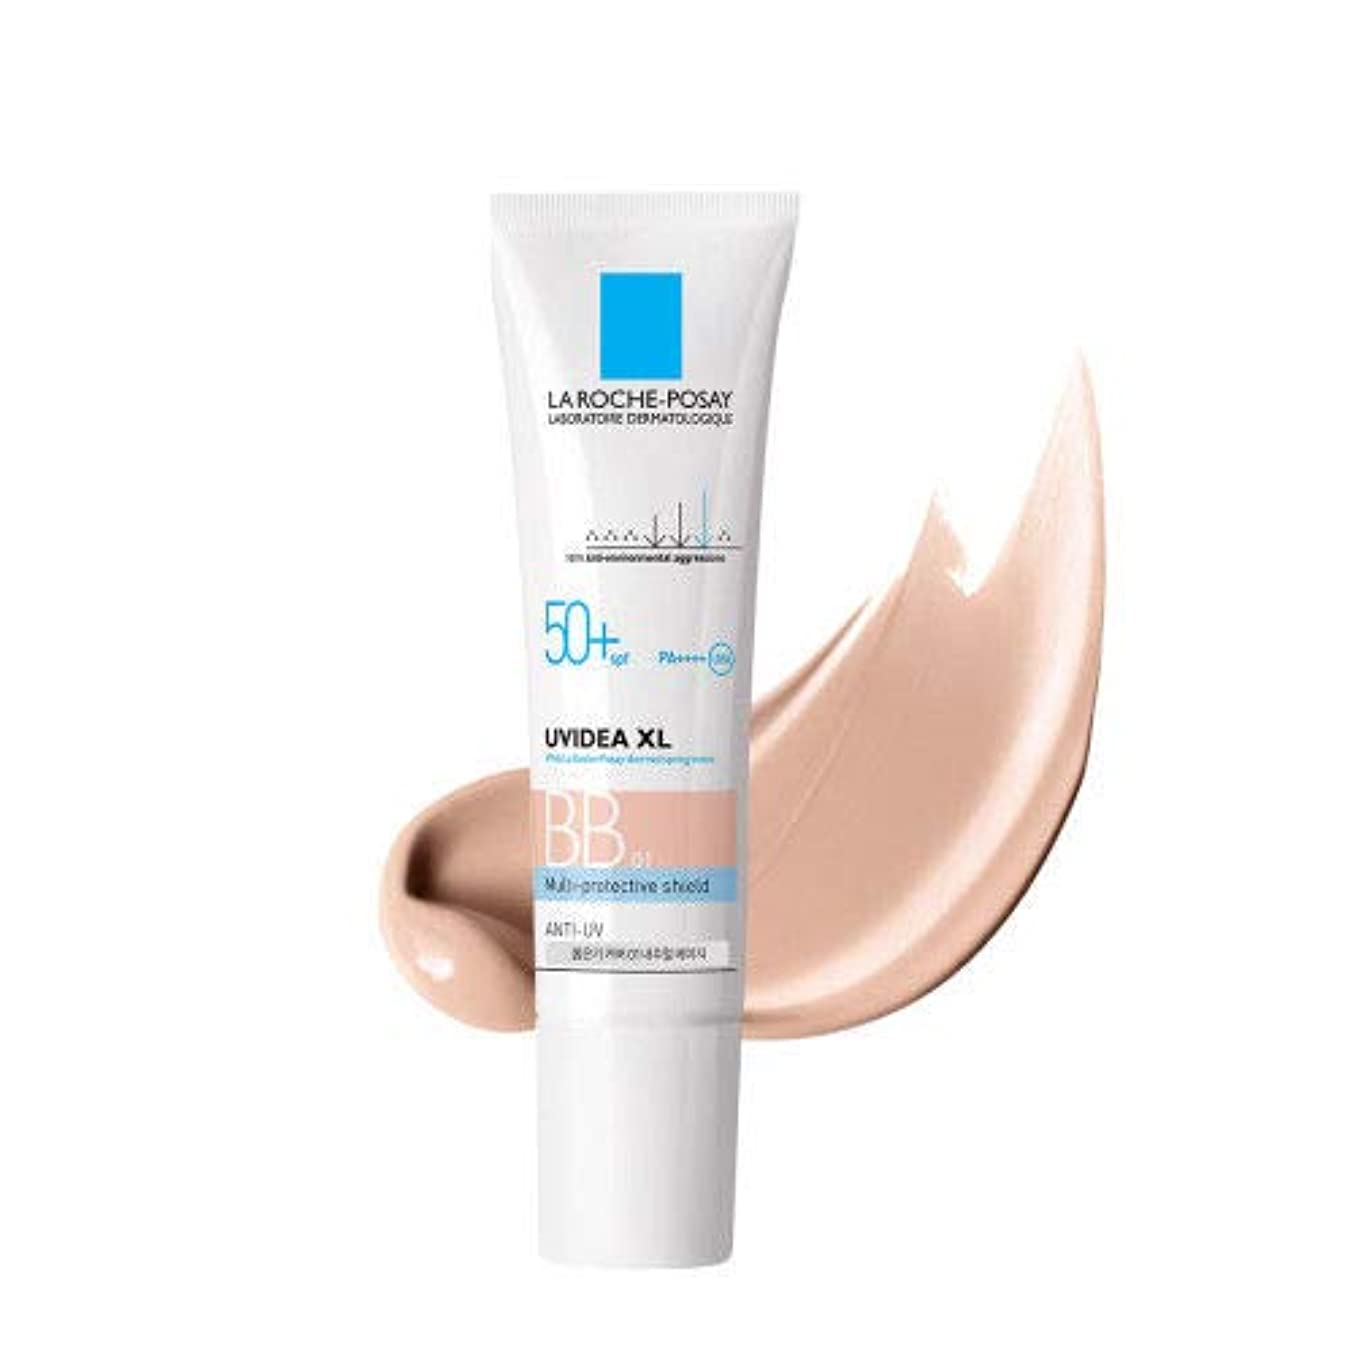 敵対的砂漠入るLa Roche-Posay ラロッシュポゼ UVイデア XL プロテクションBB(01ライト) Uvidea XL BB Cream - #01 (30ml) SPF50+ PA++++